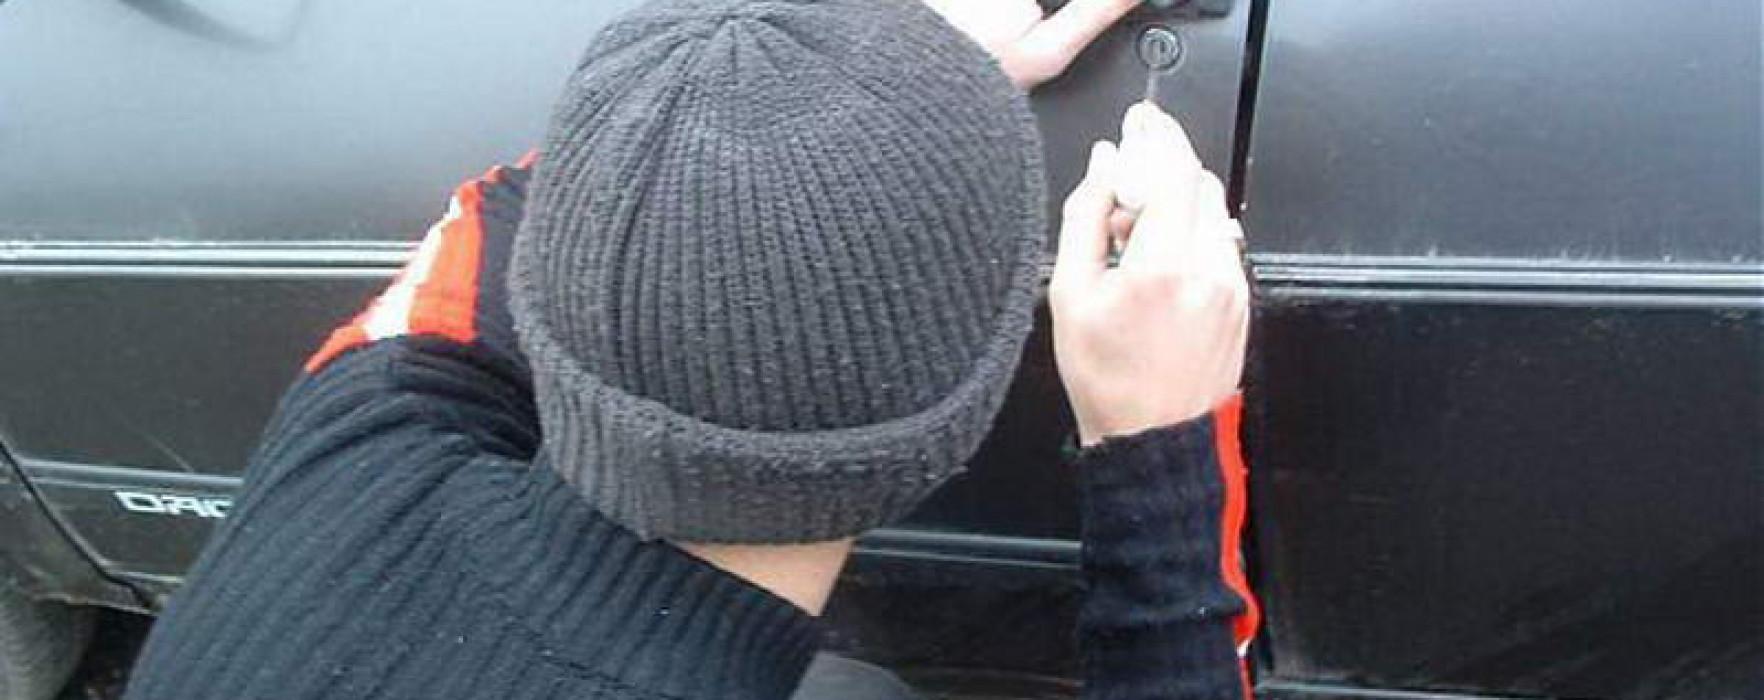 Dâmboviţa: Percheziţii la suspecţi de furturi din autoturisme